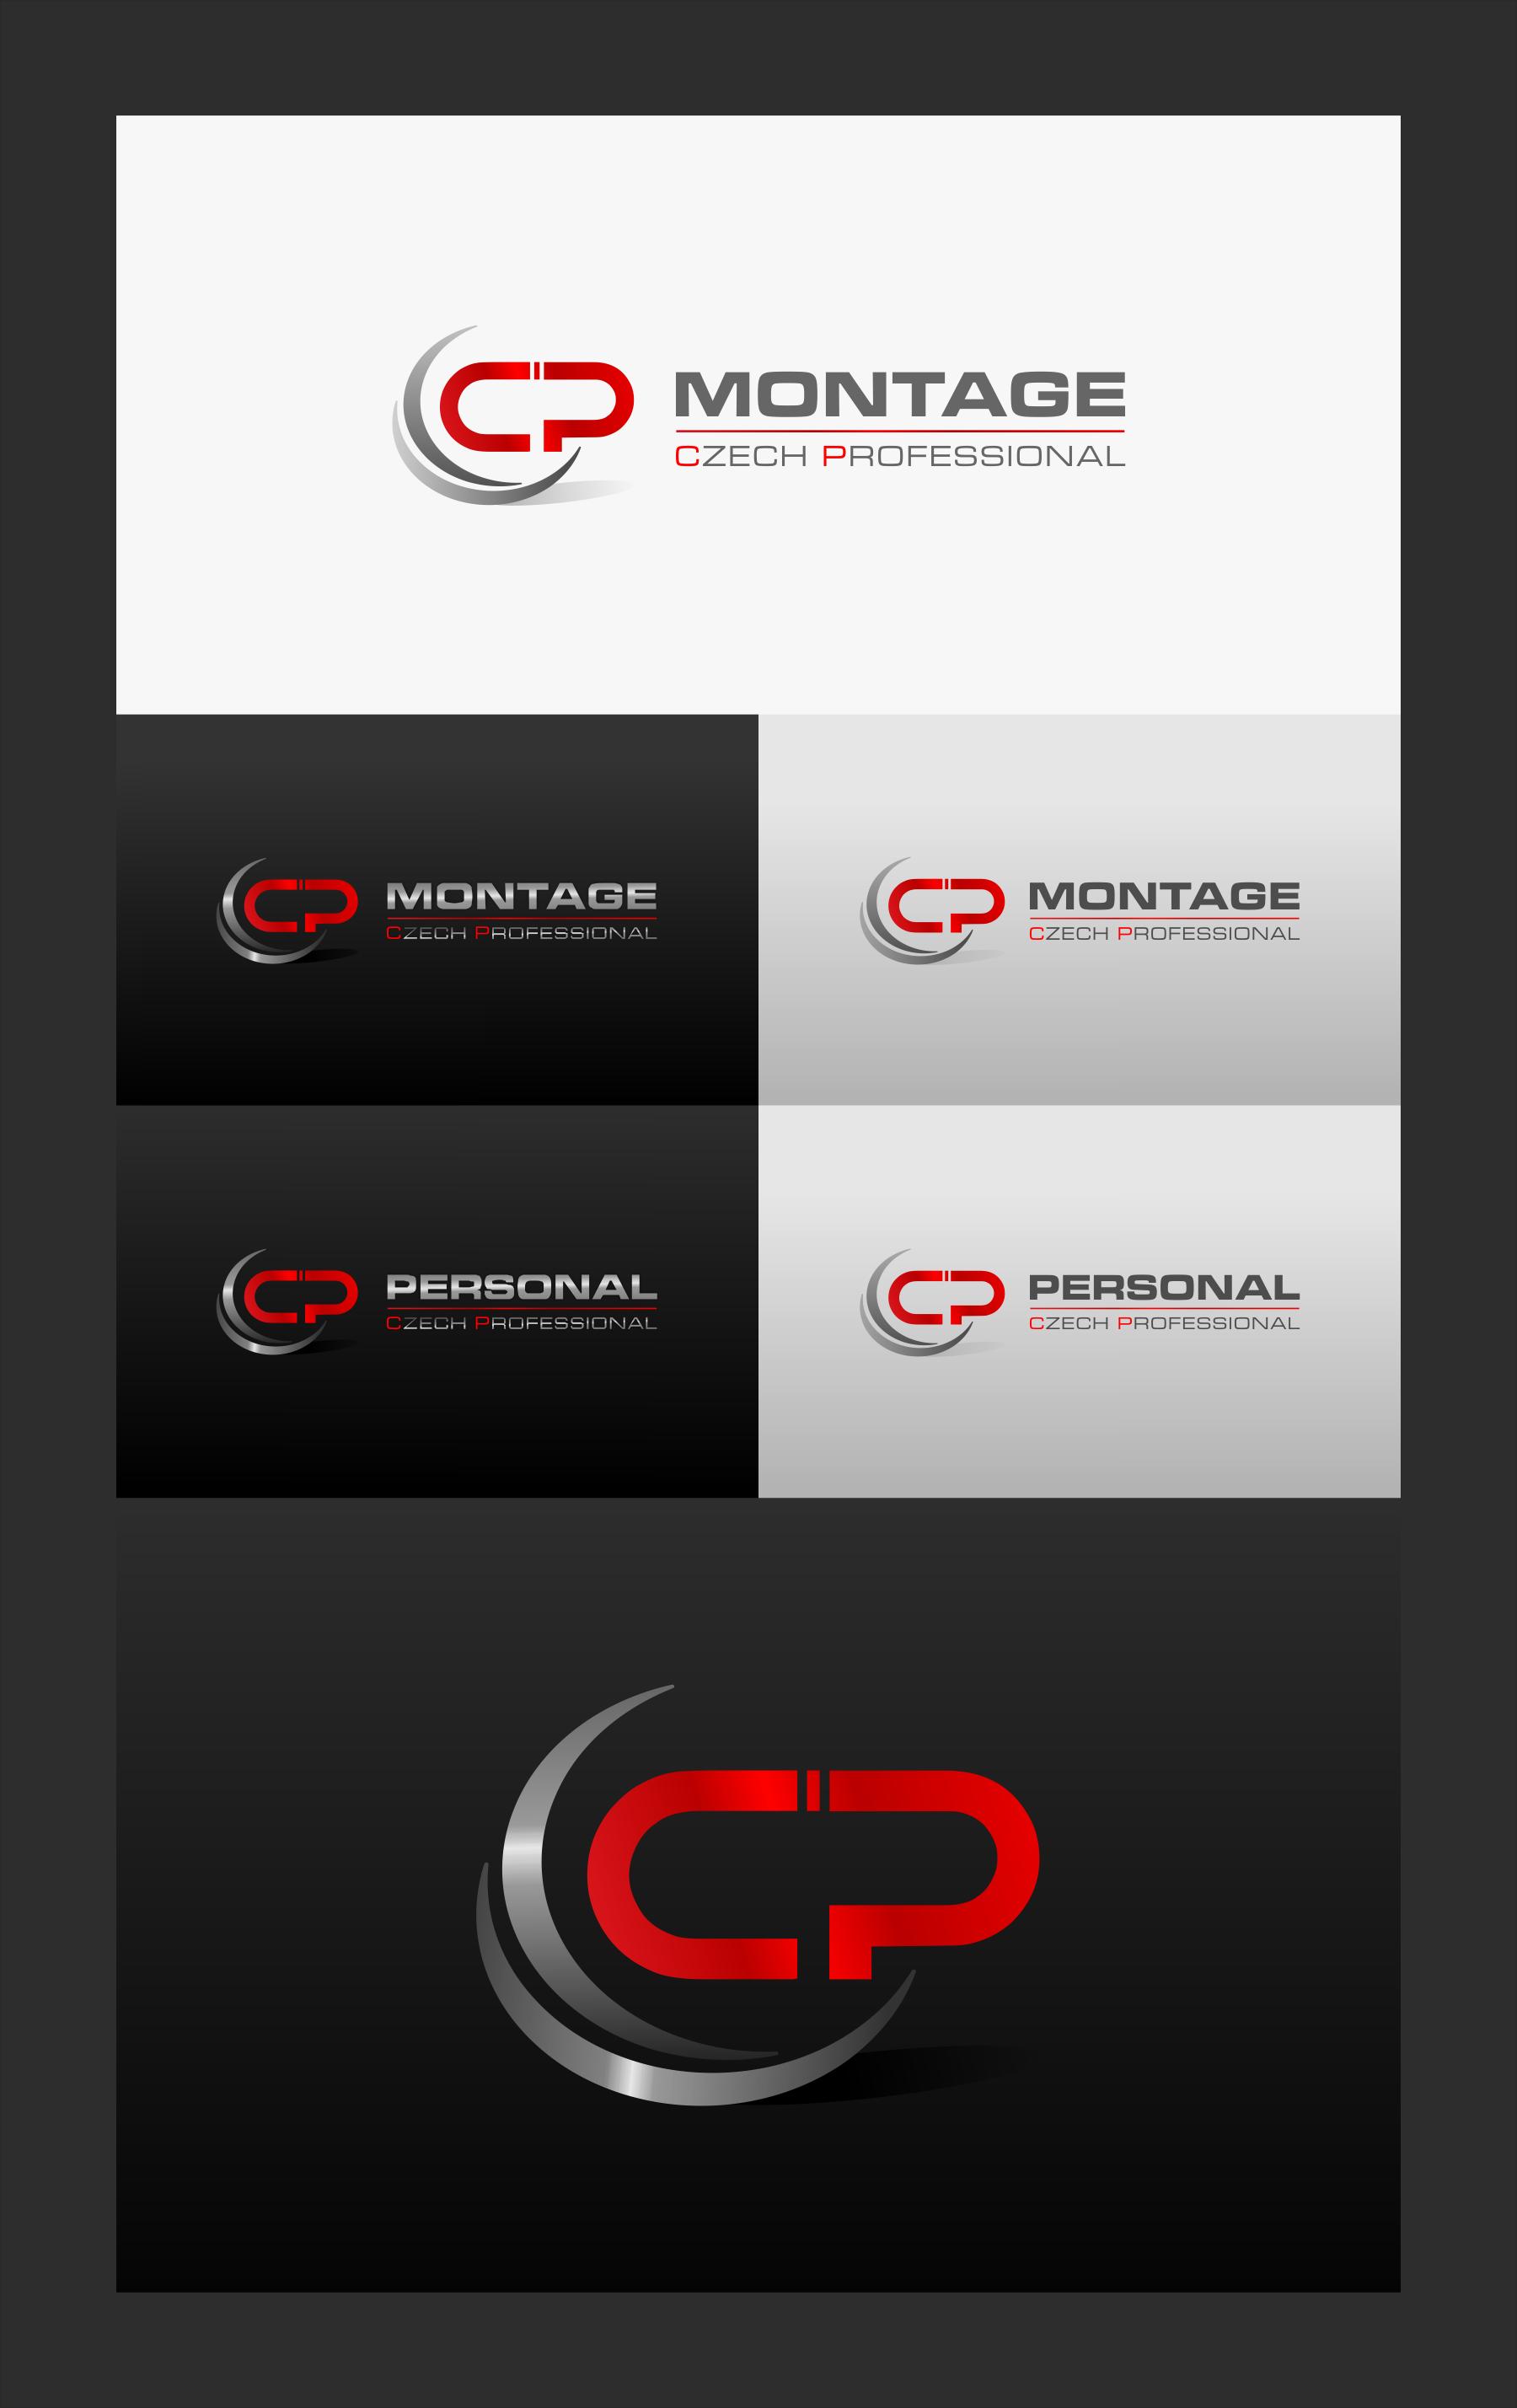 design #357 of CorporateDesigner